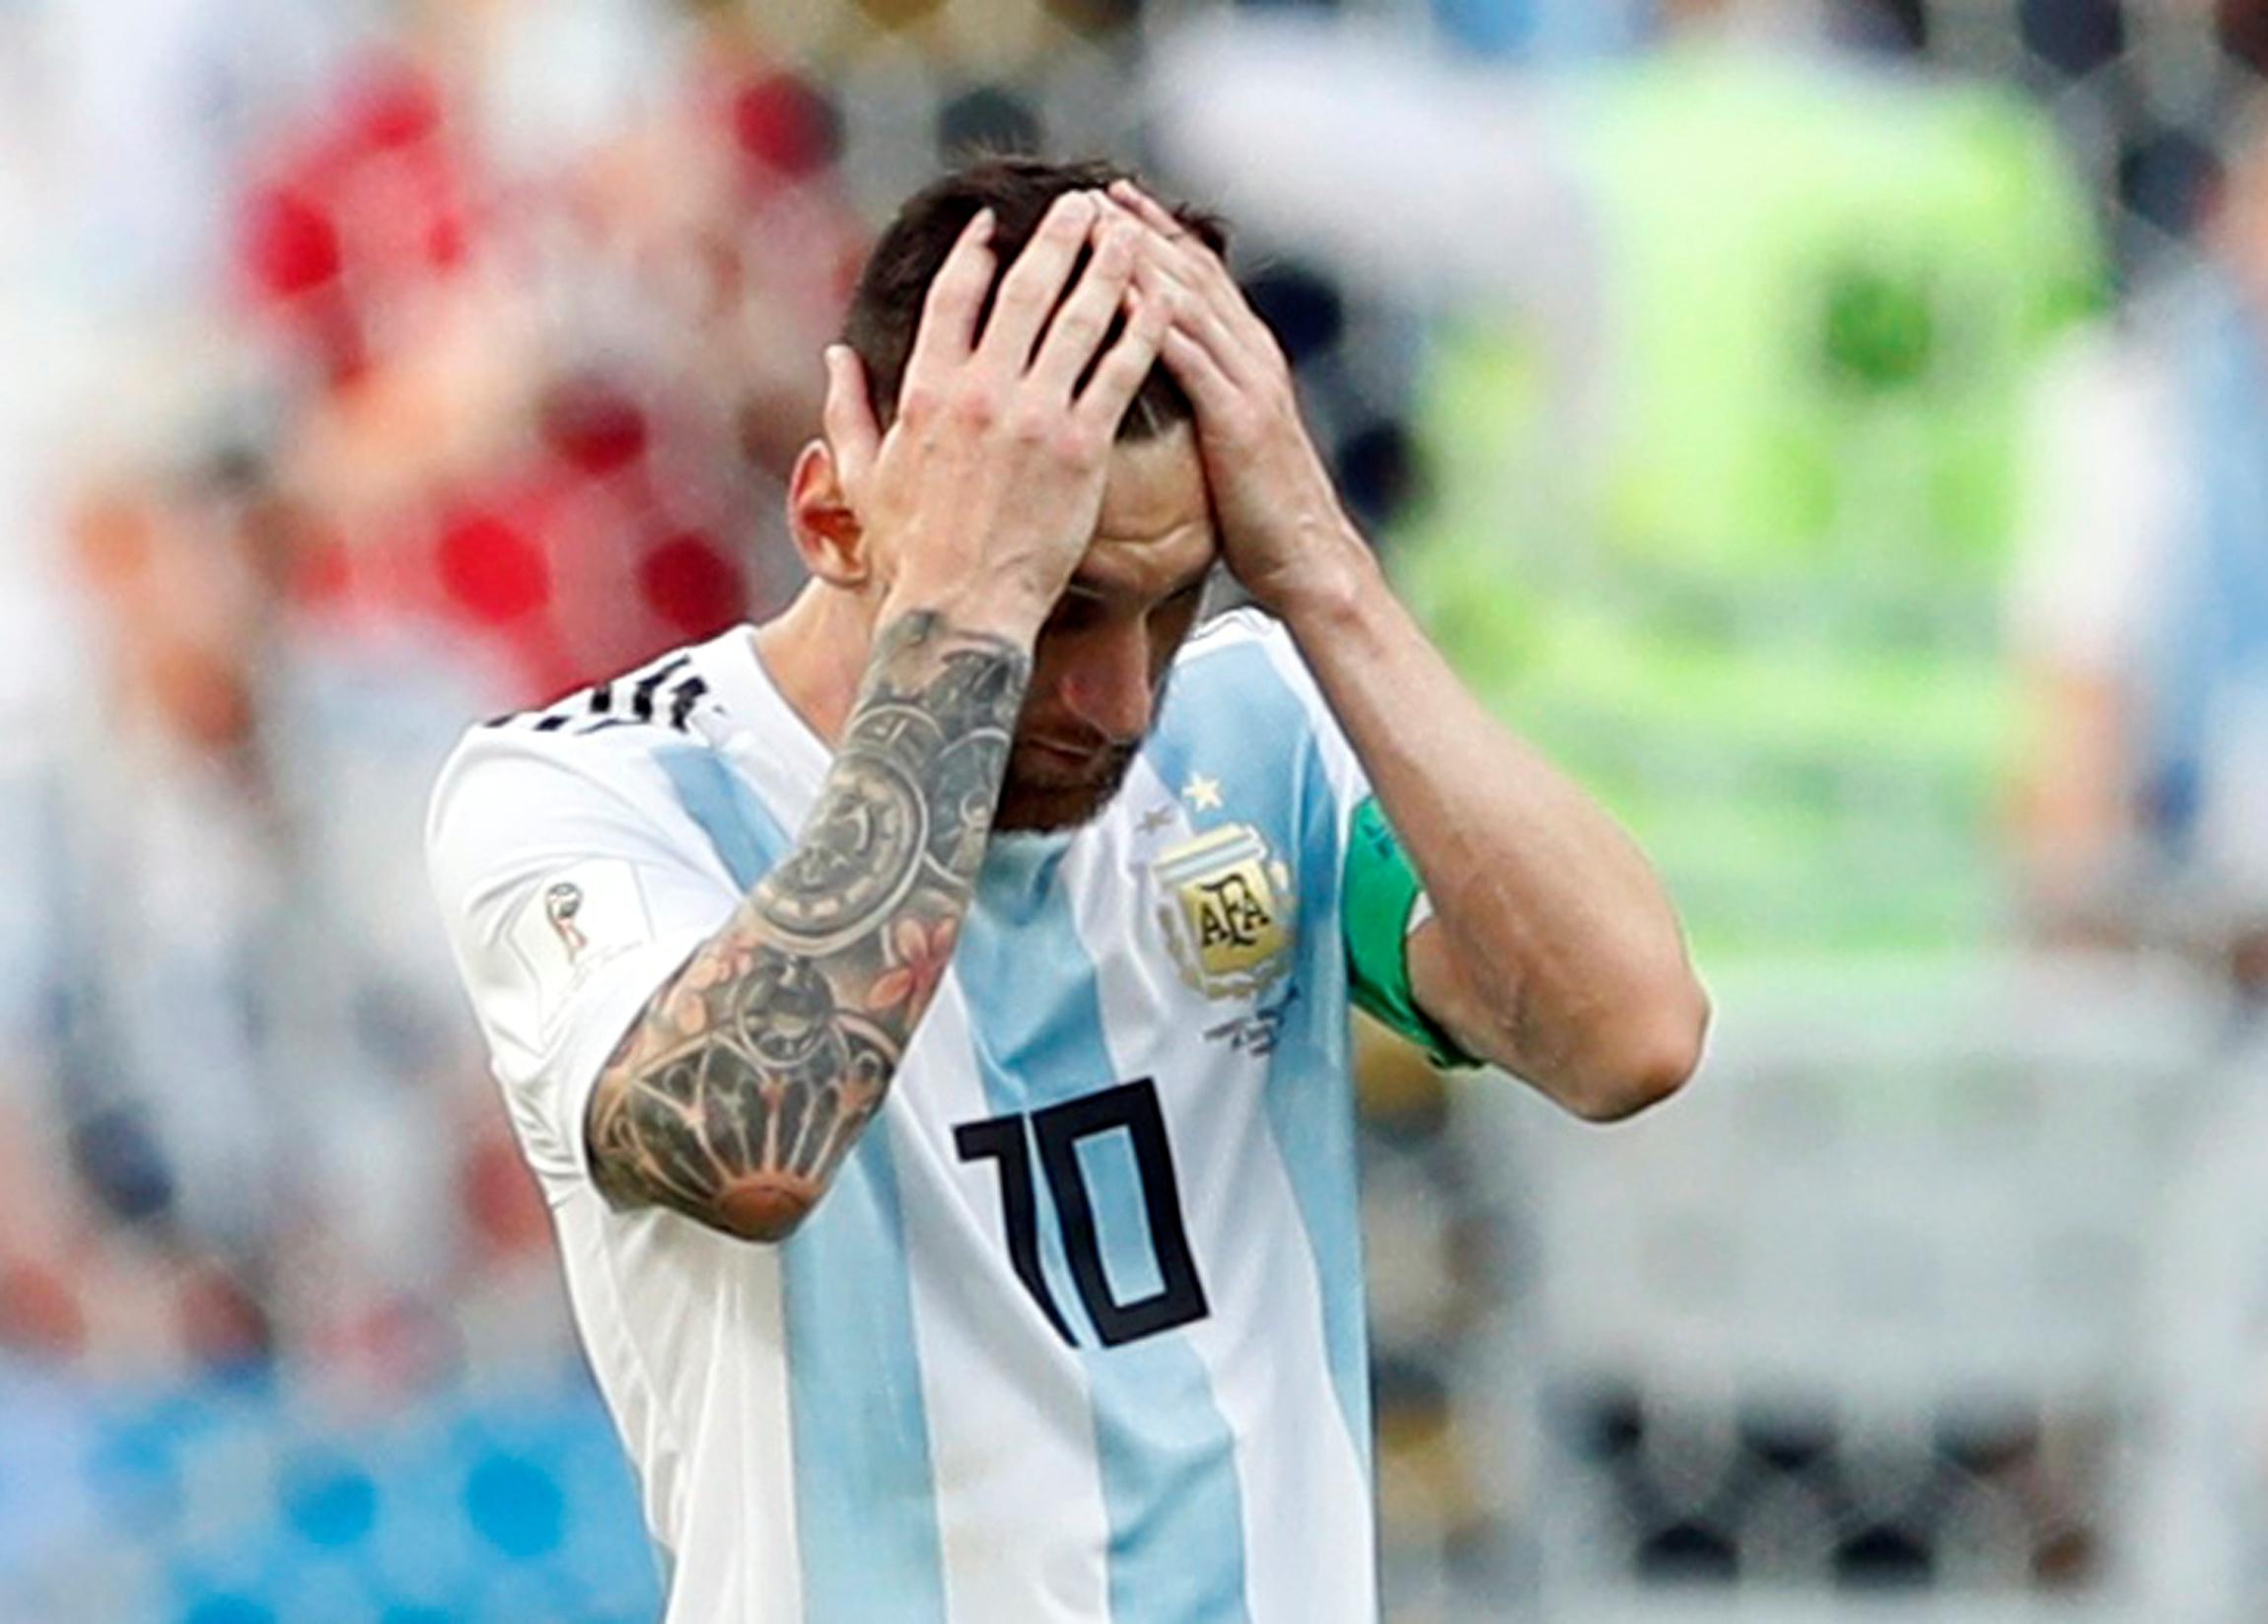 ¡Adiós, Messi! Francia elimina a Argentina del Mundial